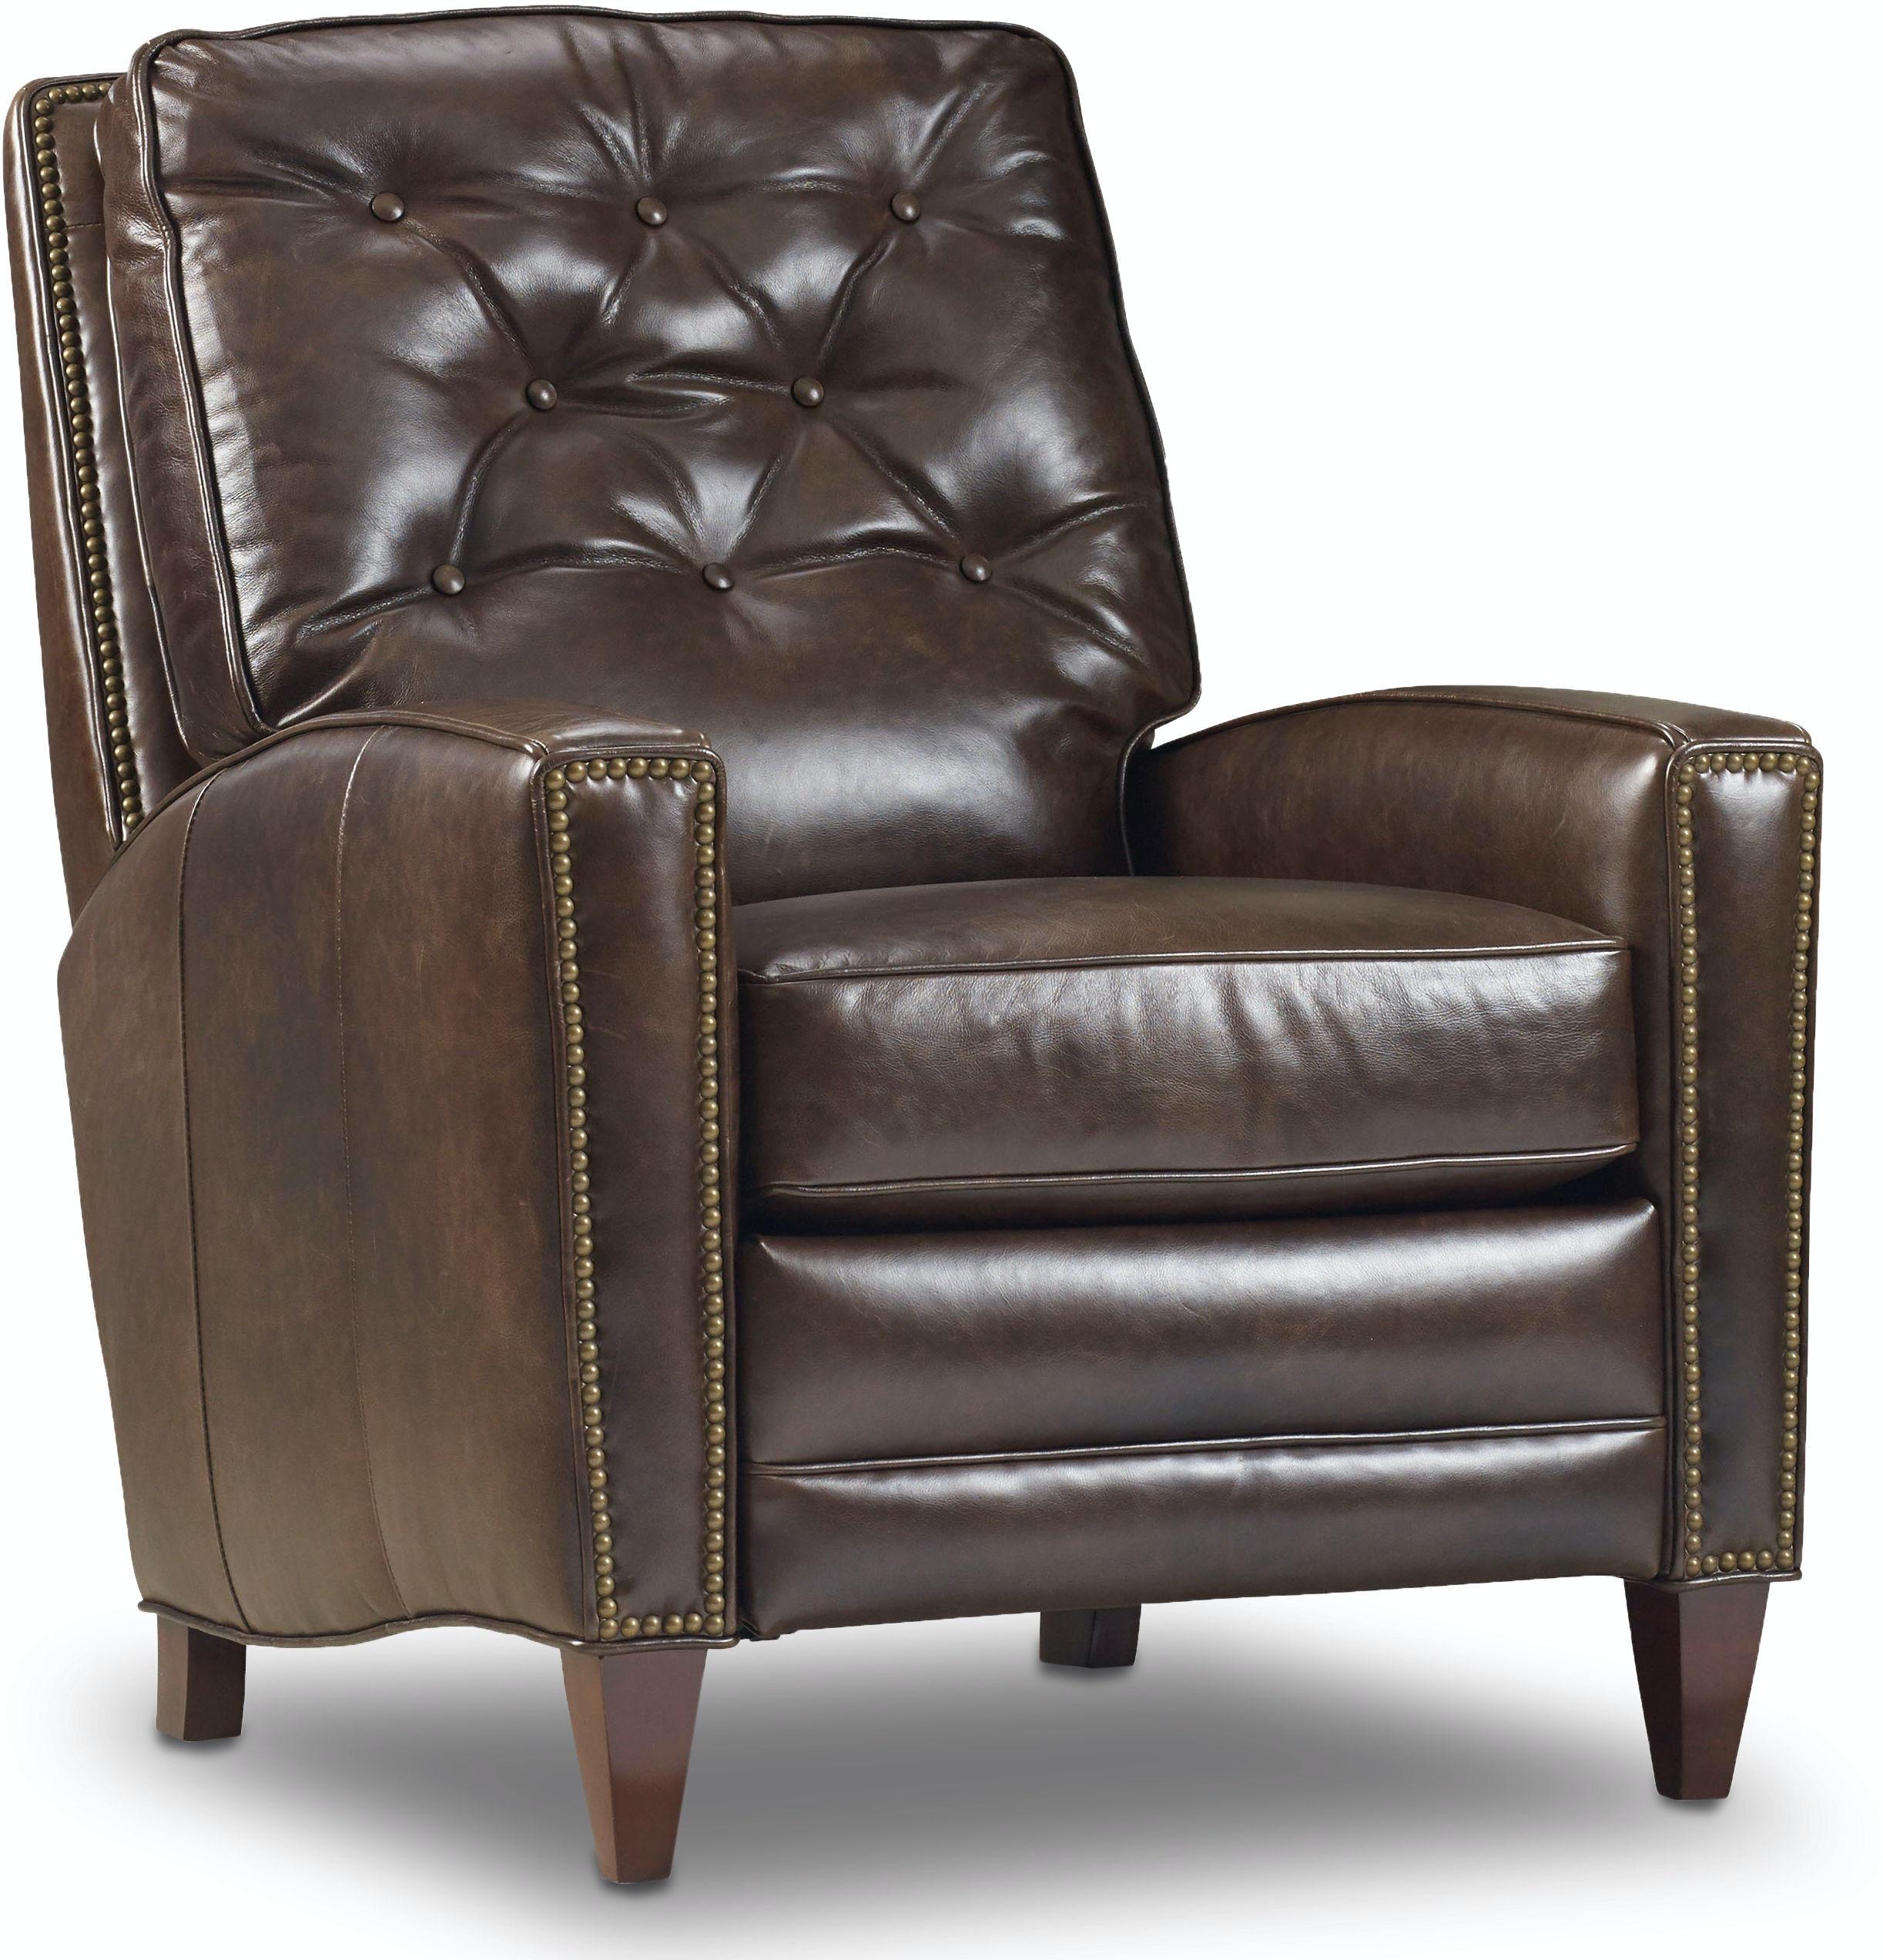 Minotti - SOFAS - EN | POWELL.112 | Furniture | Pinterest | Living ...